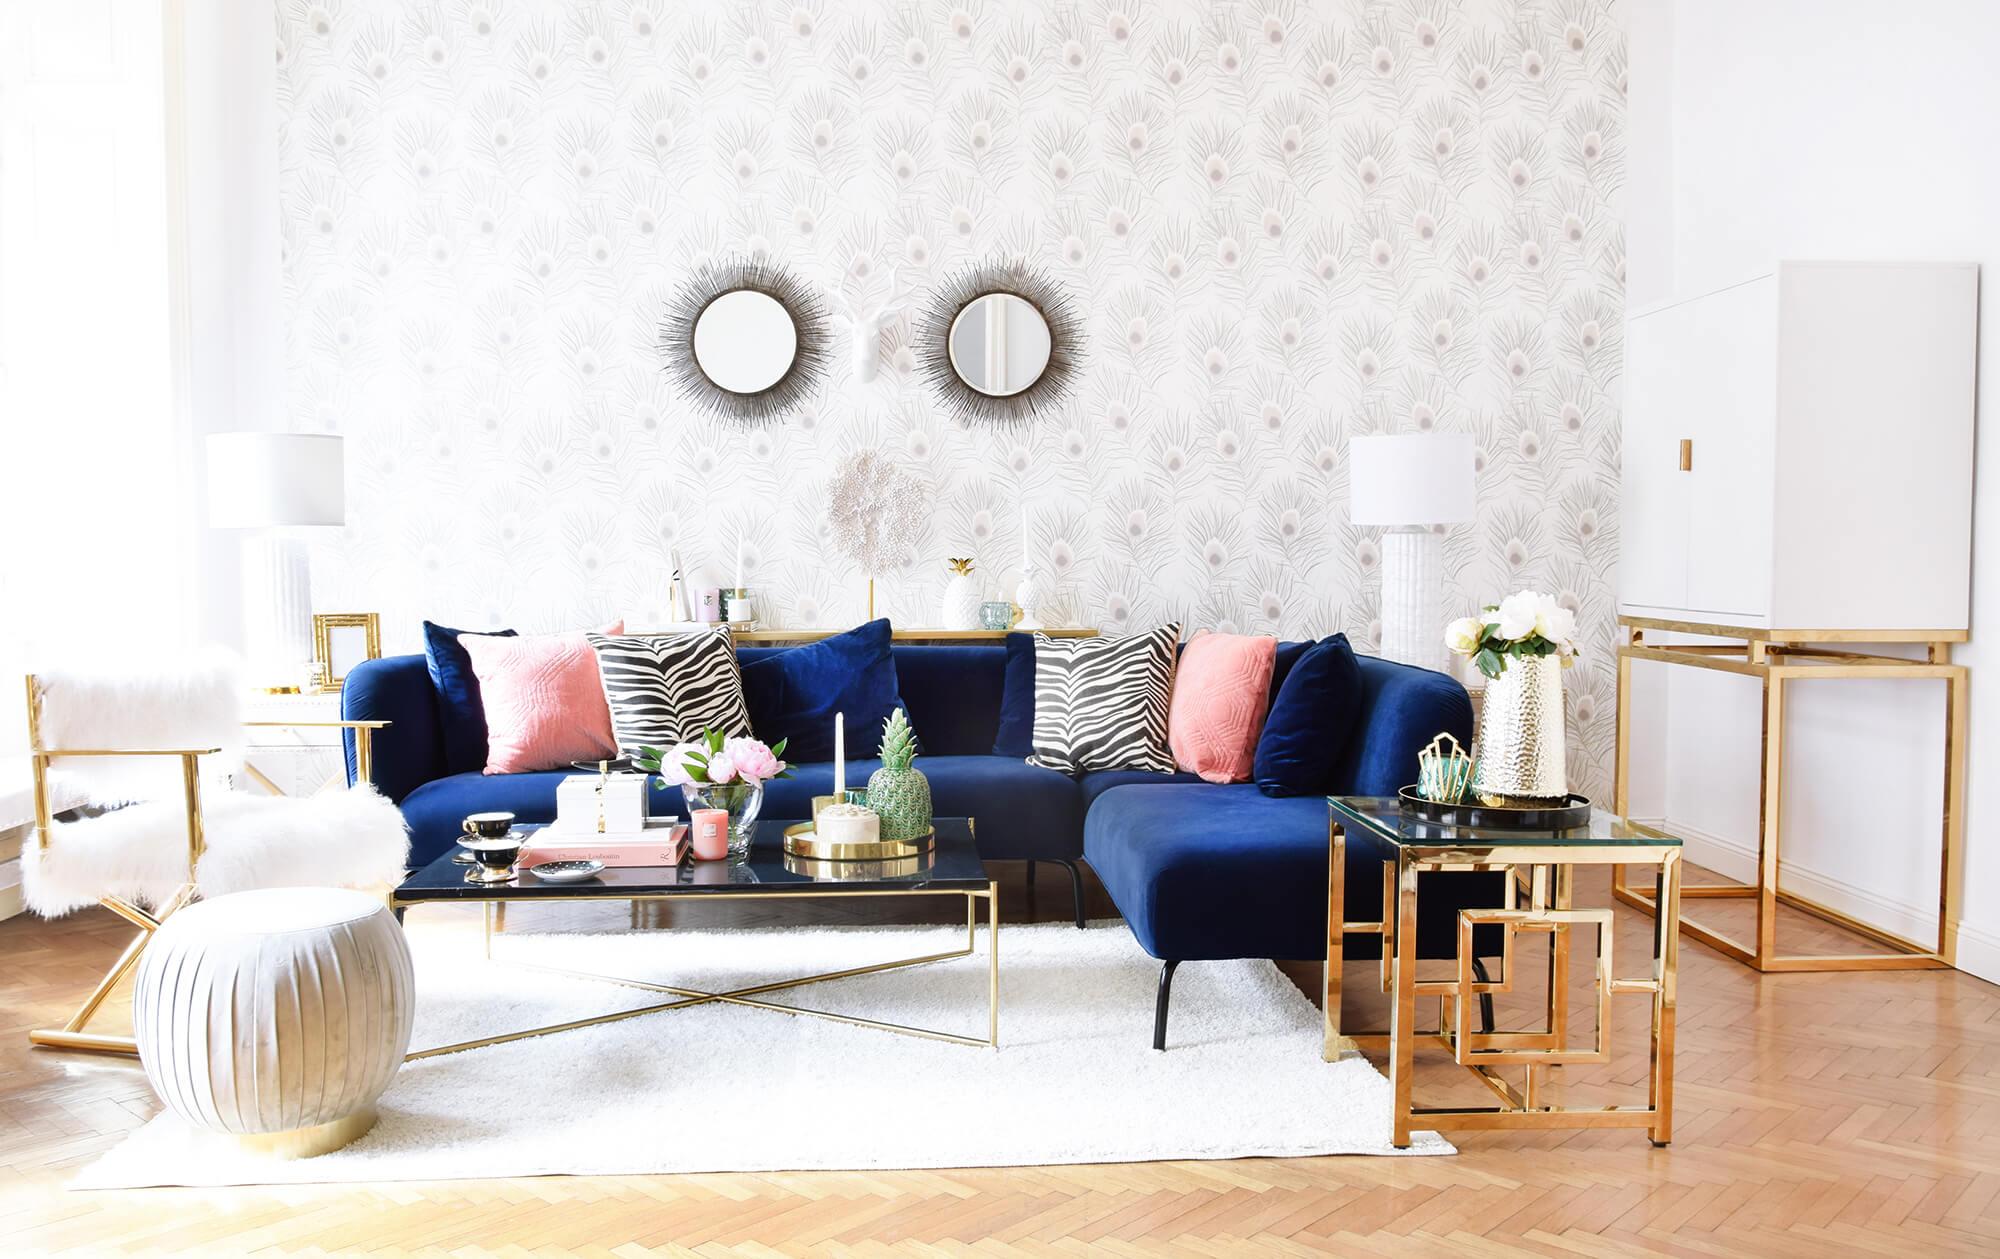 Mann Interior Wohnzimmer: Wohnideen interior design ...